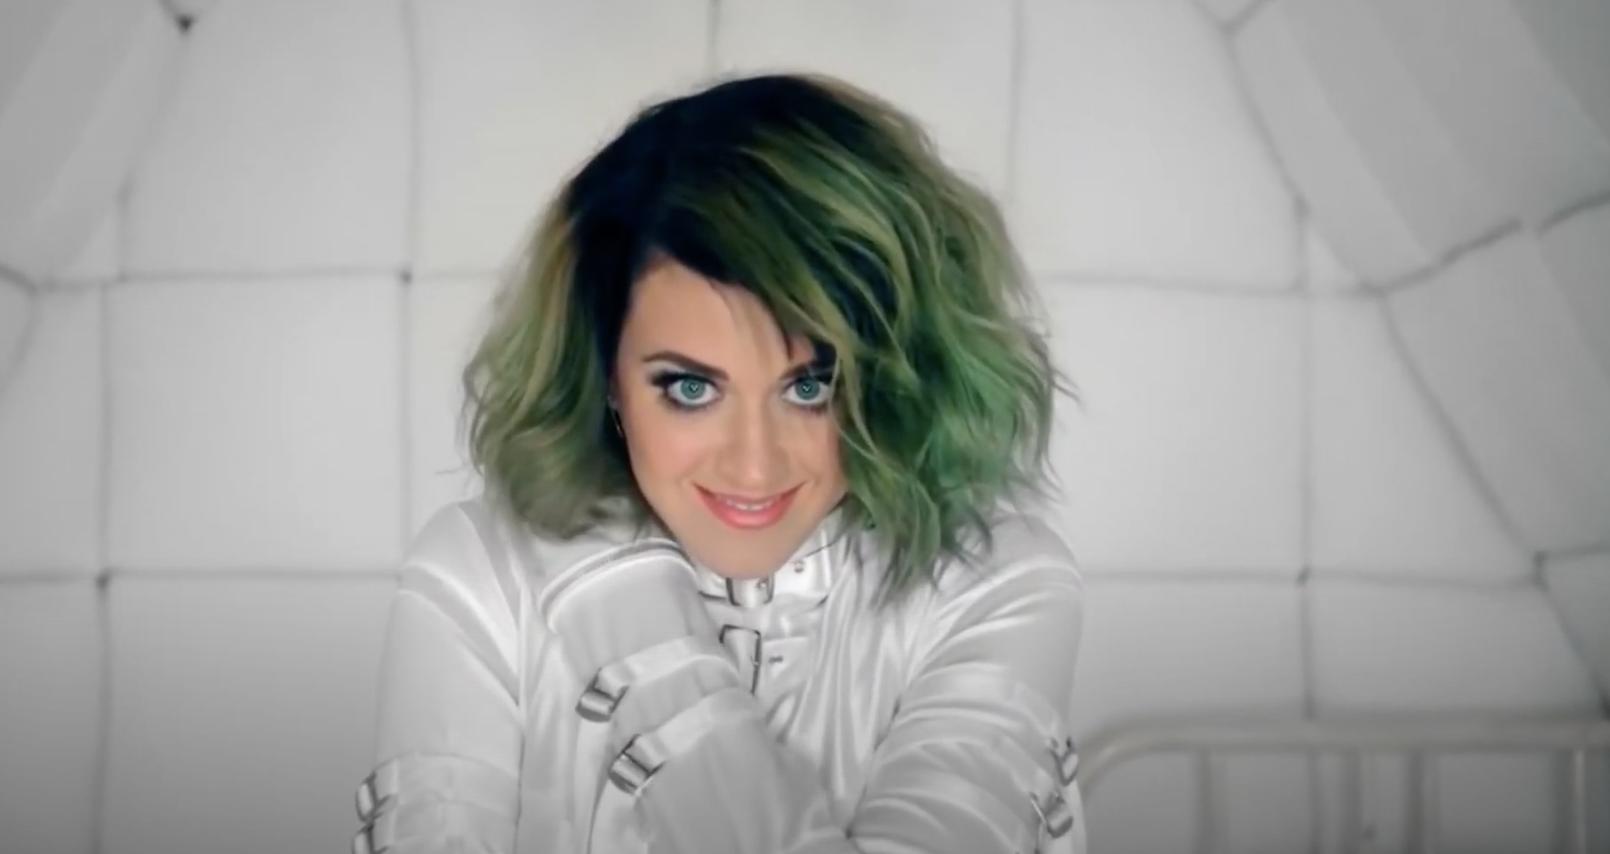 Katy in a straightjacket